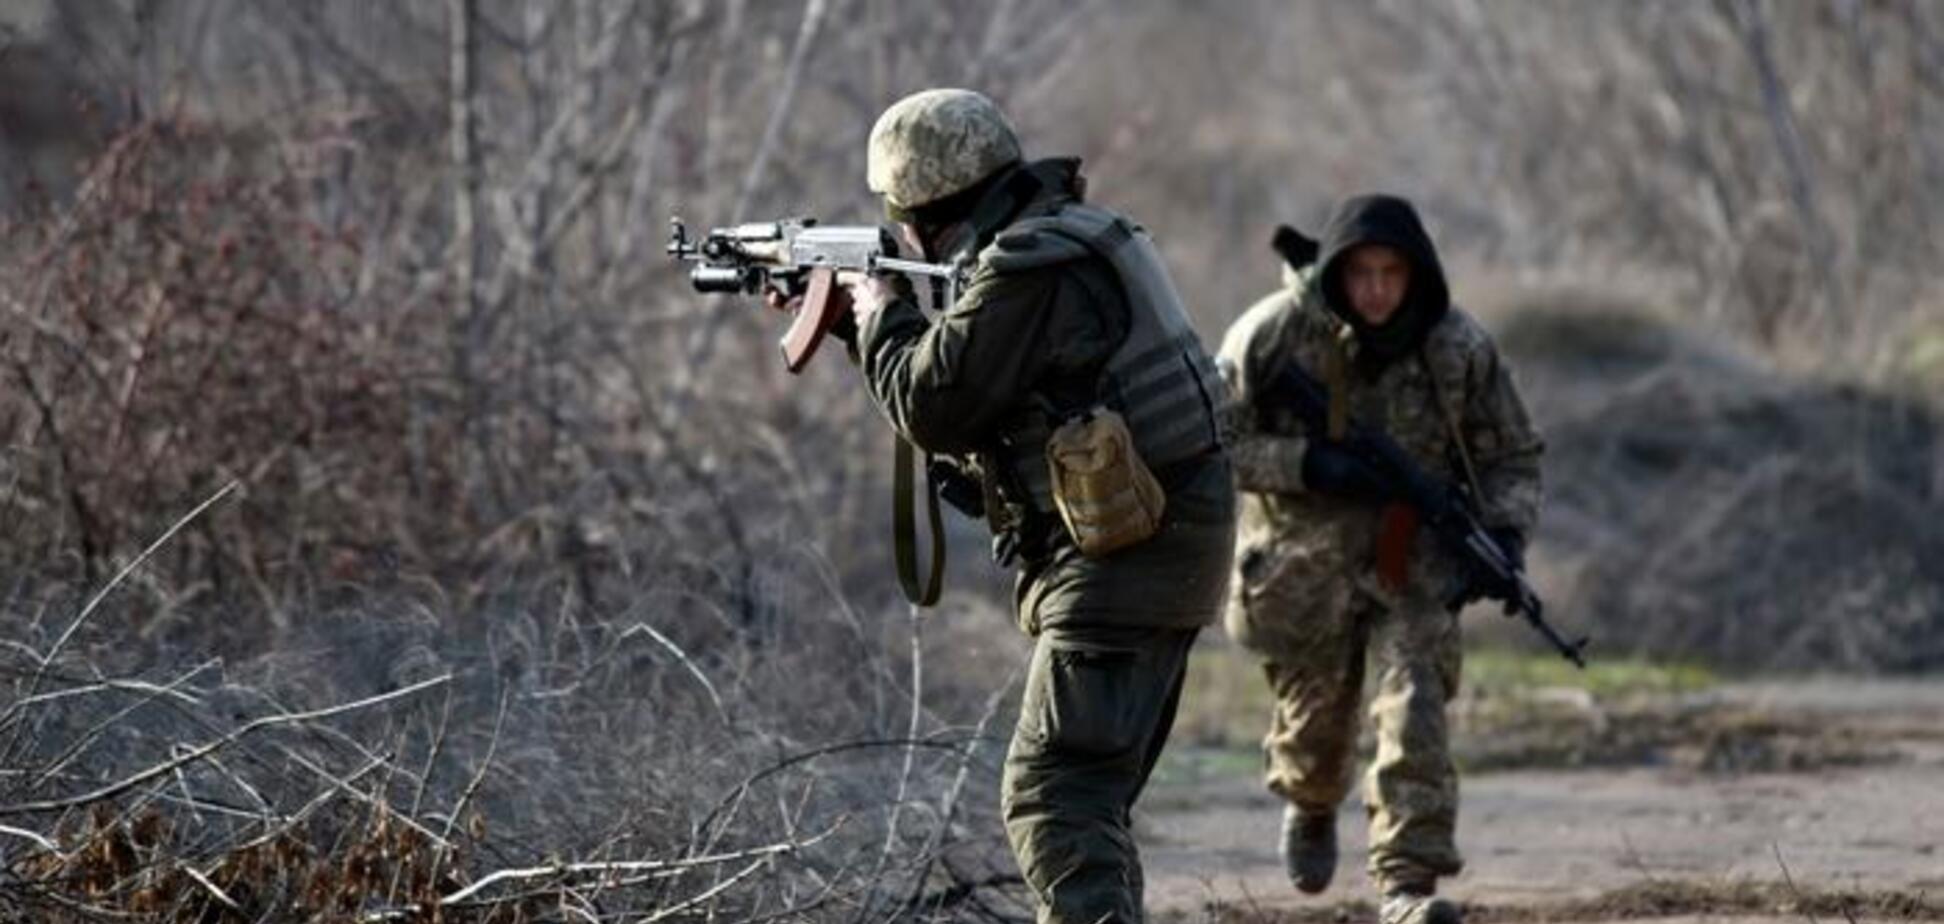 Российские оккупанты пошли на подлость с ВСУ на Донбассе. Источник: DW